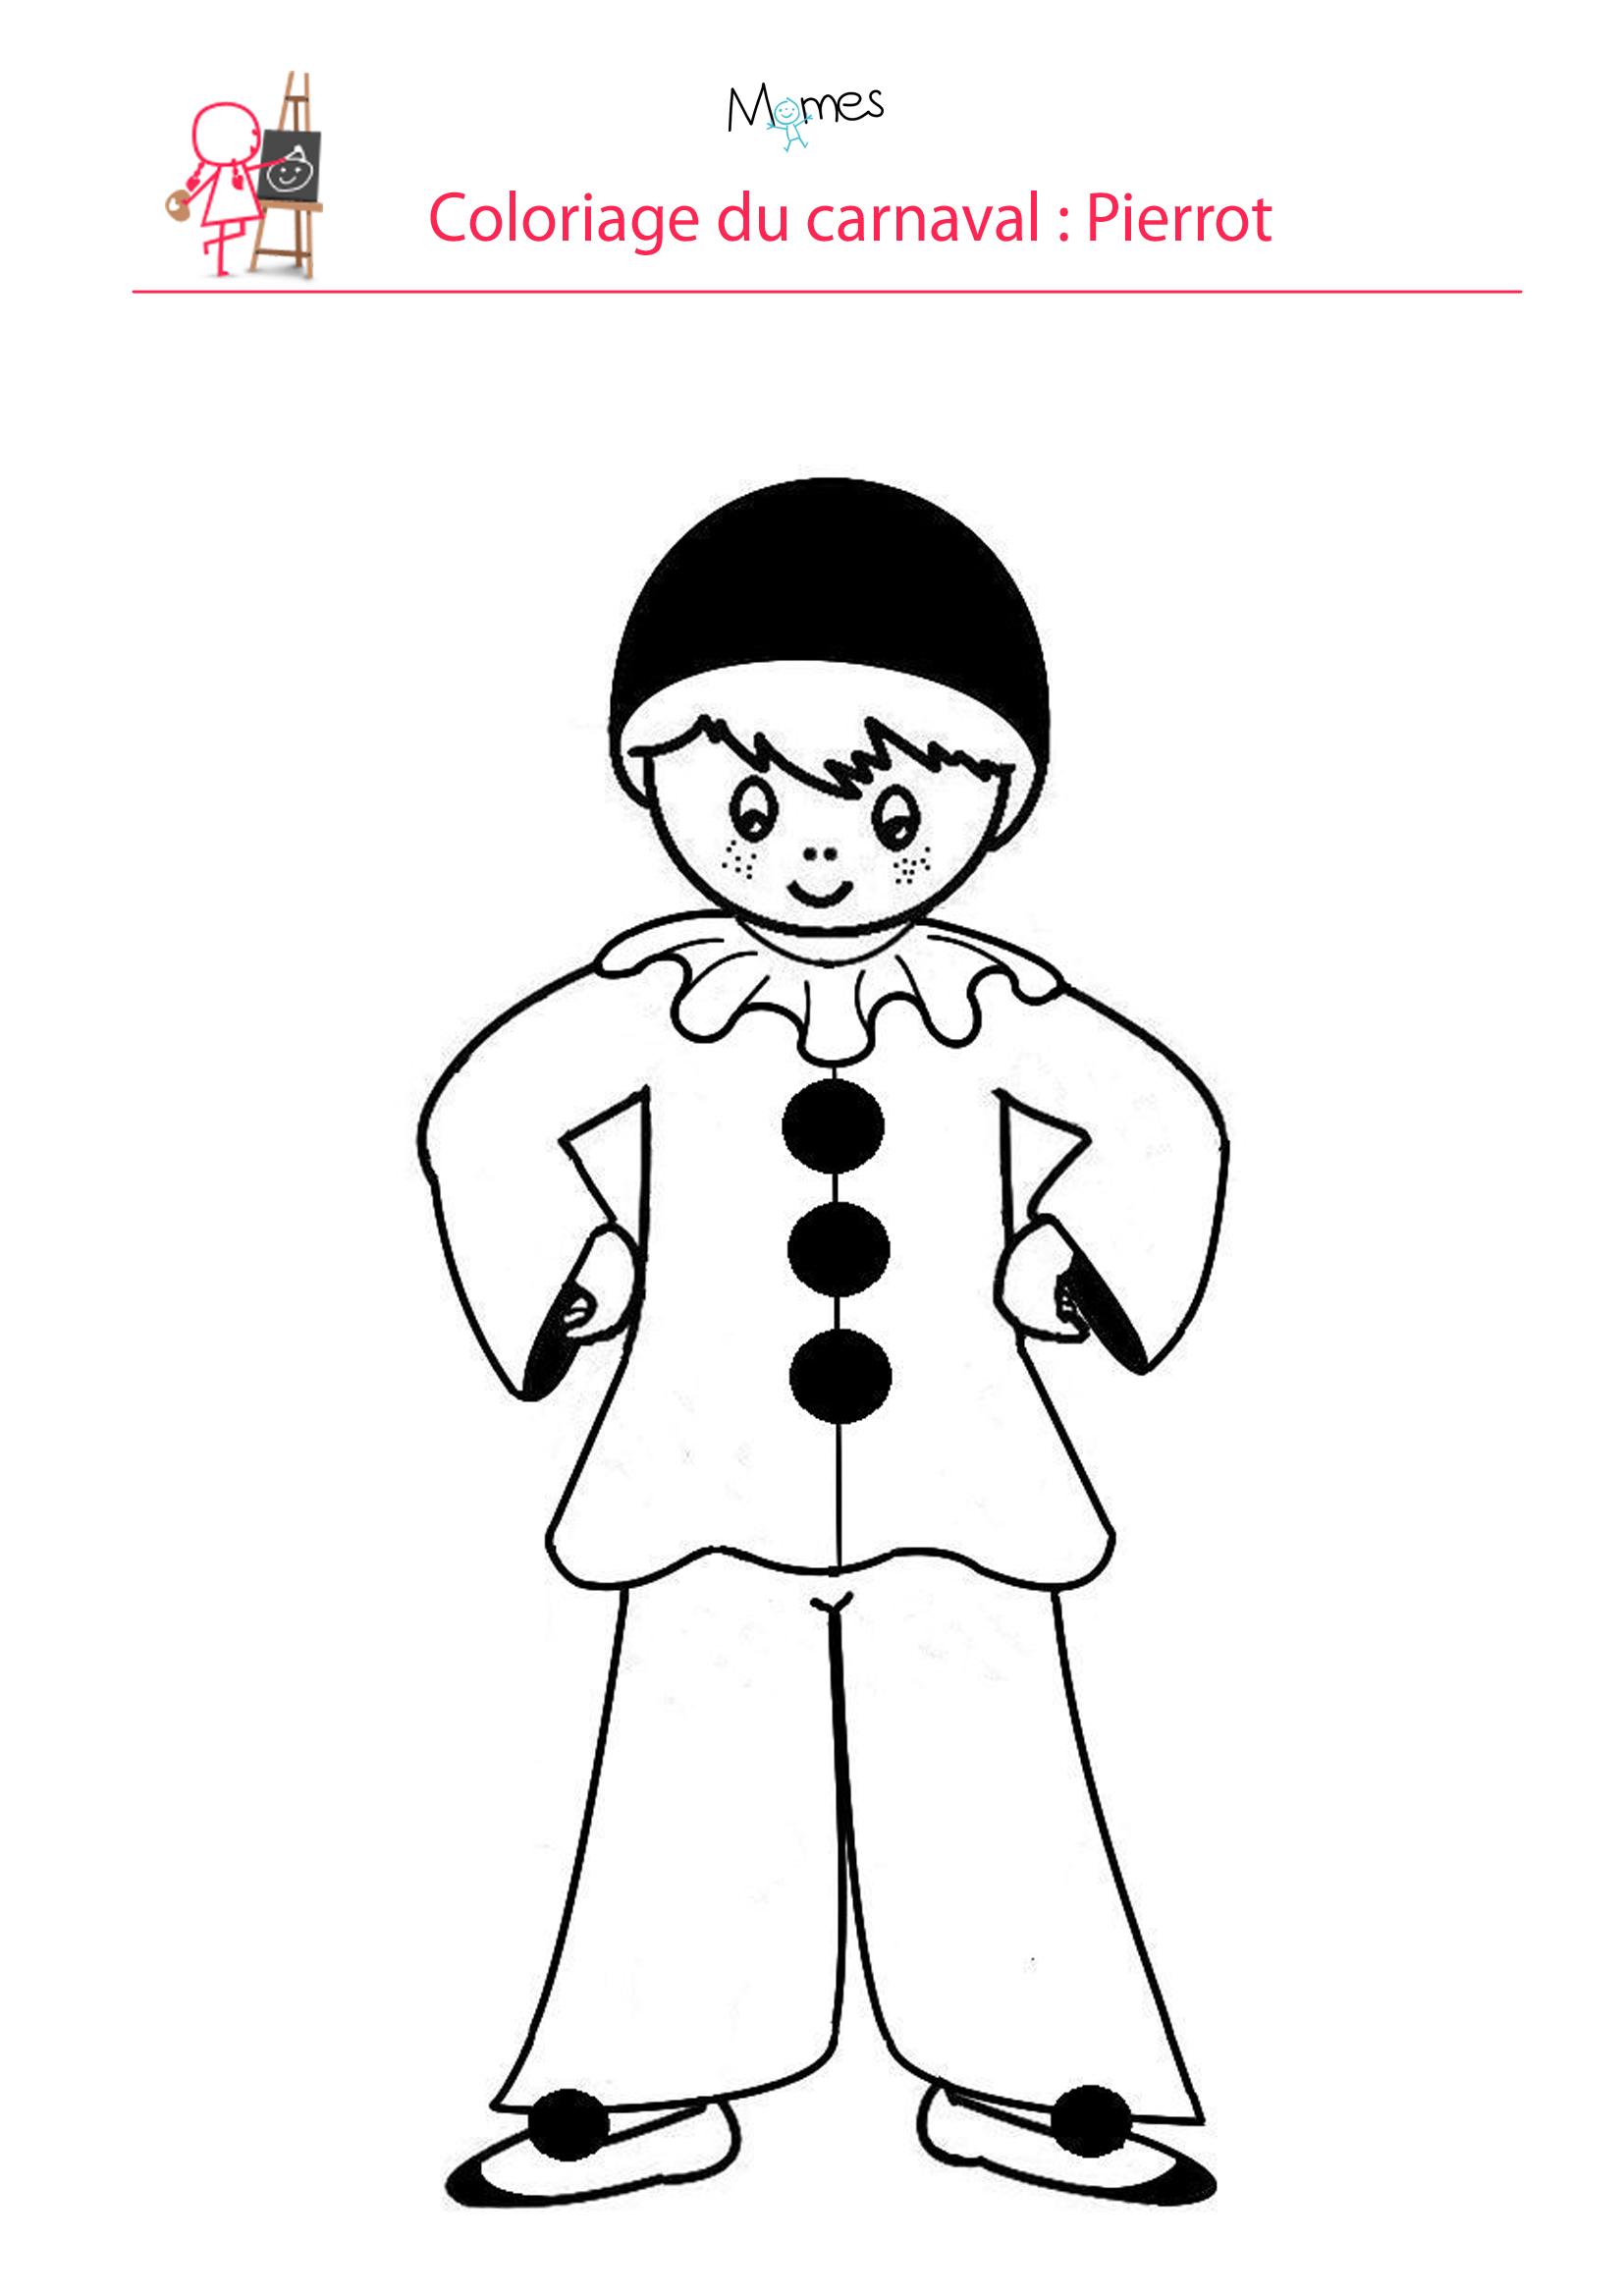 Coloriage Pierrot - Momes avec Arlequin A Colorier